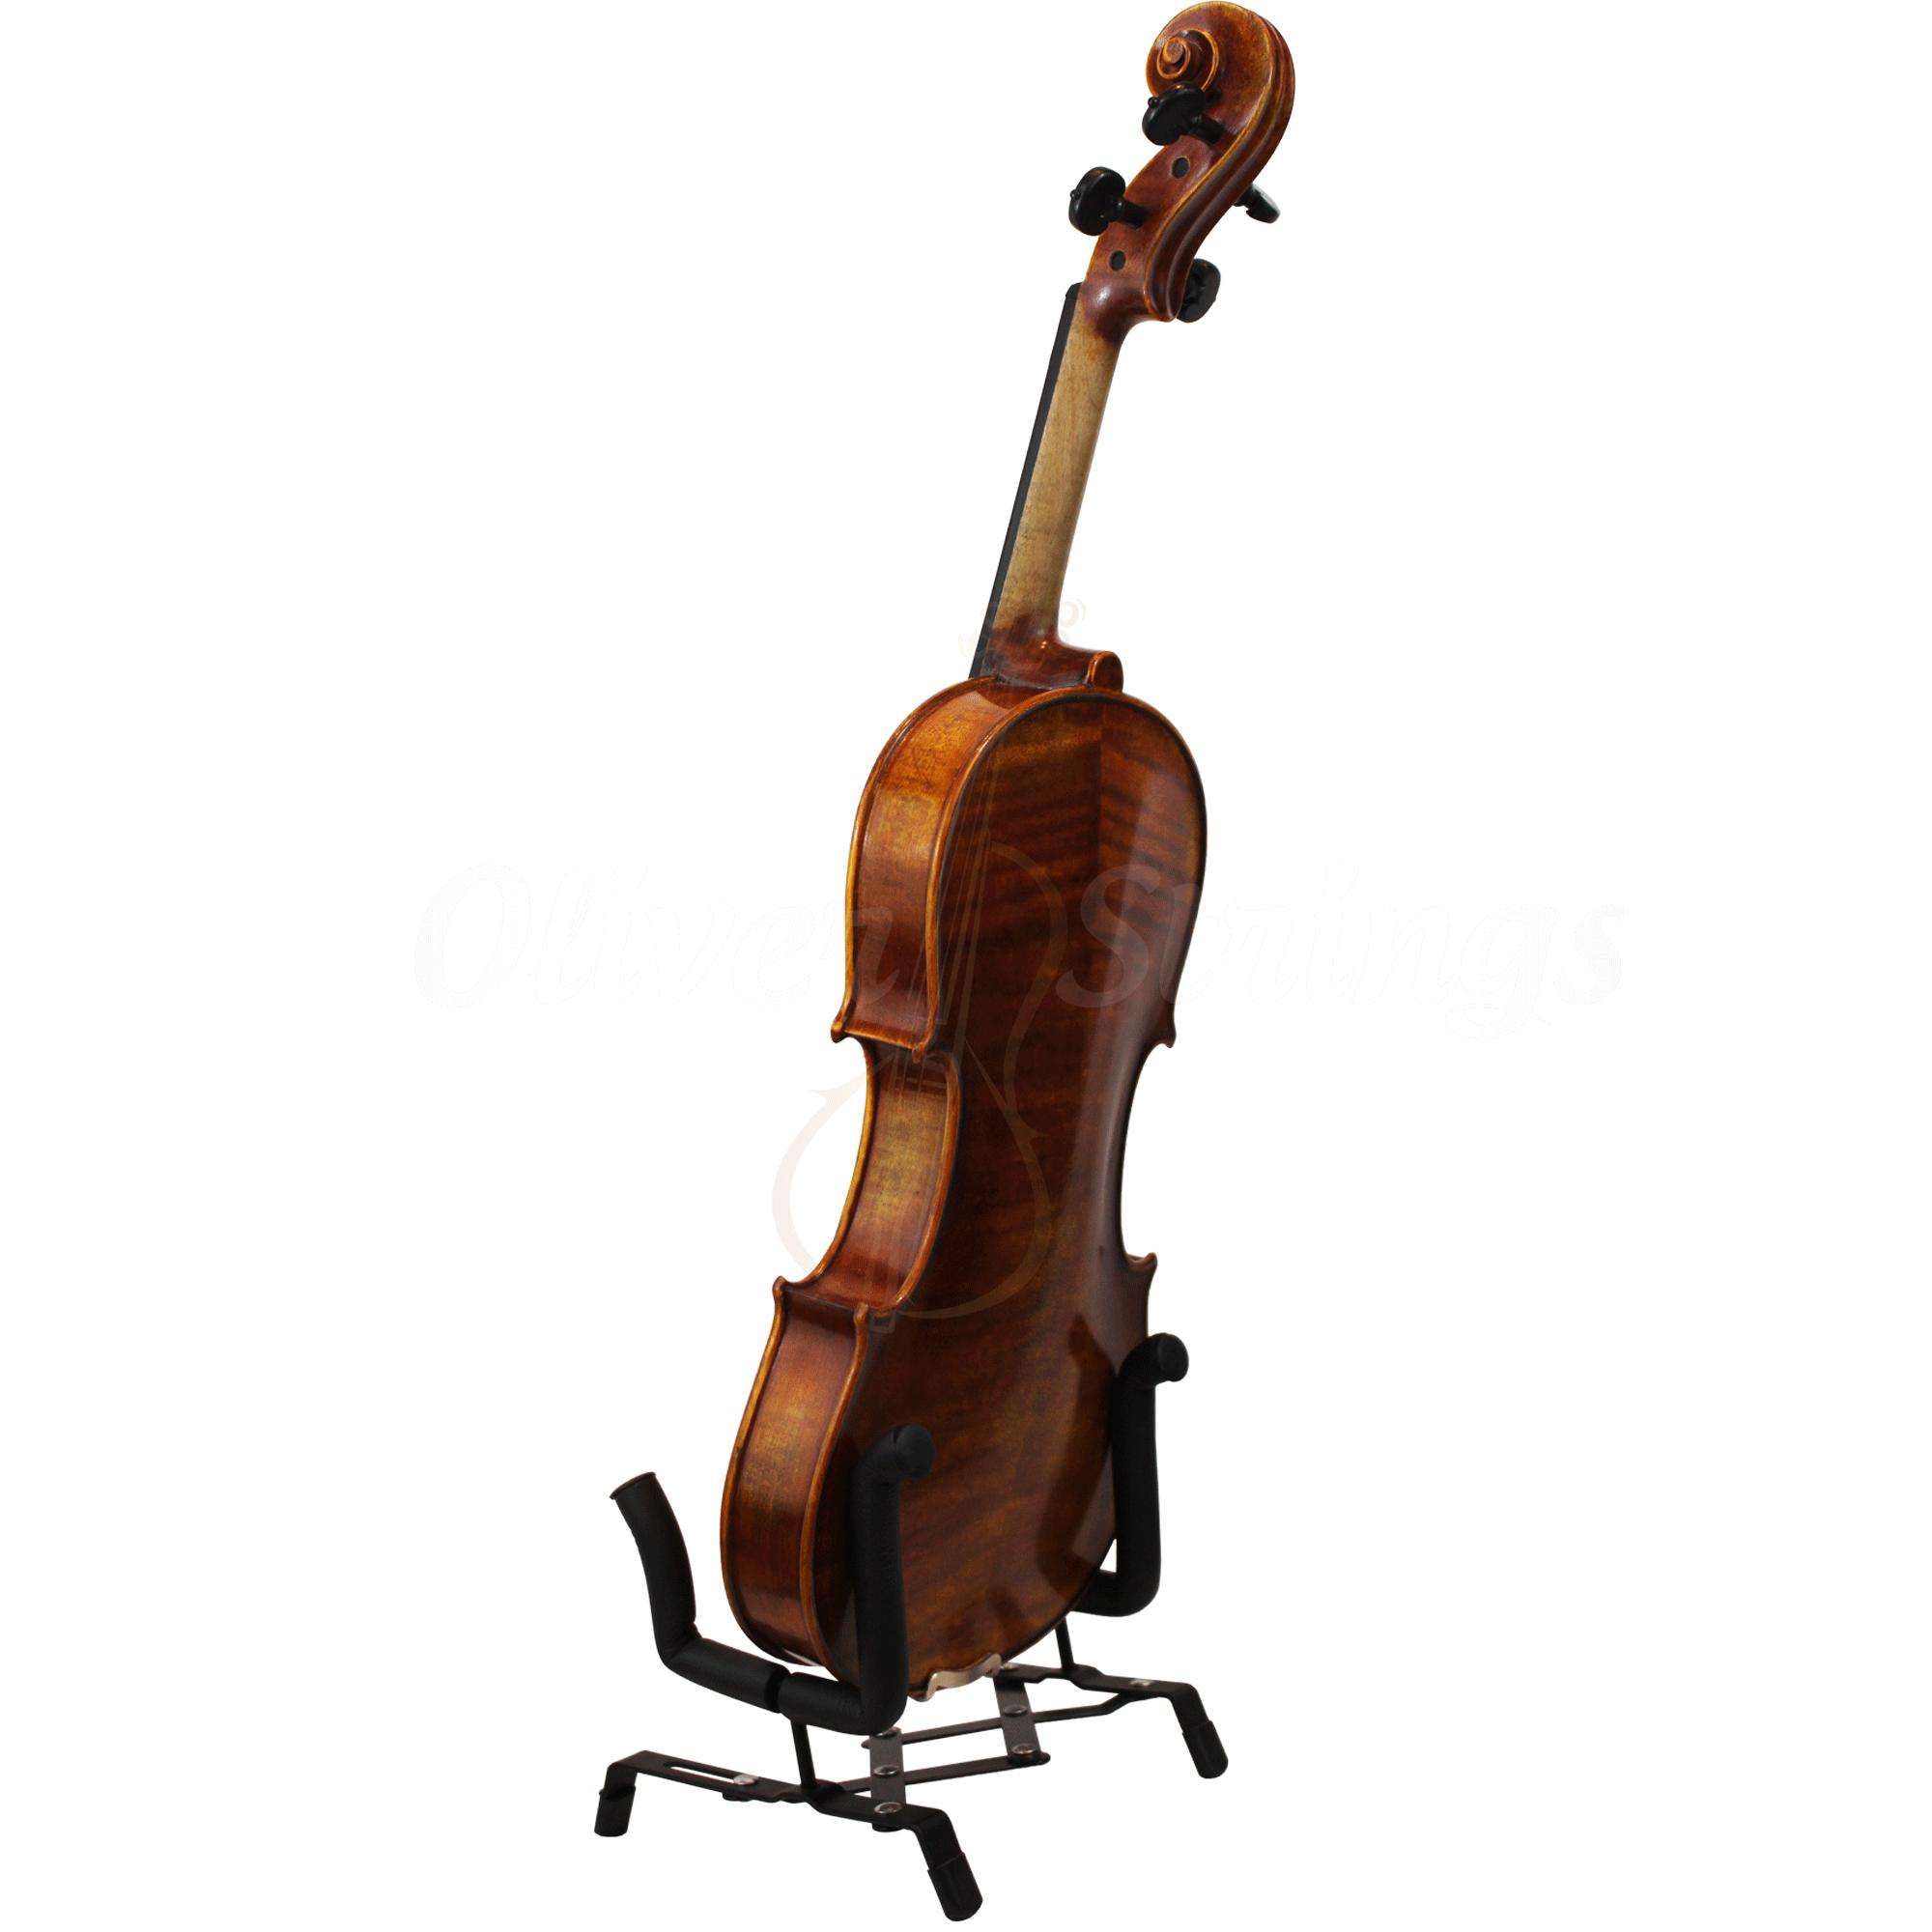 Suporte de chão articulado p/ Violino/ Ukulele